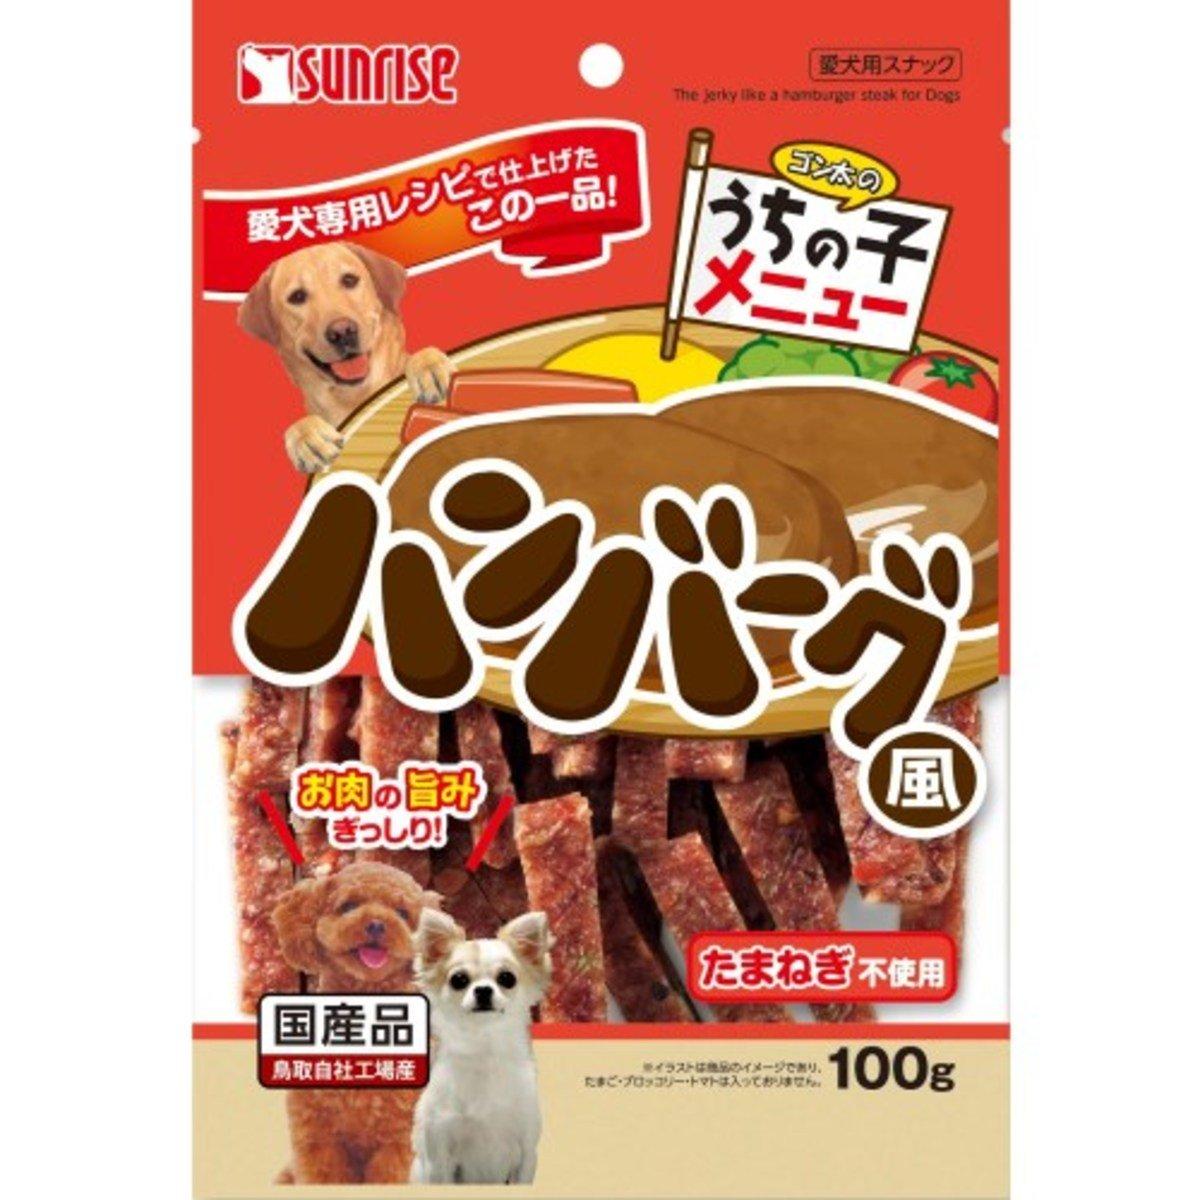 日本 SUNRISE 漢堡牛豚野菜肉扒條 100g